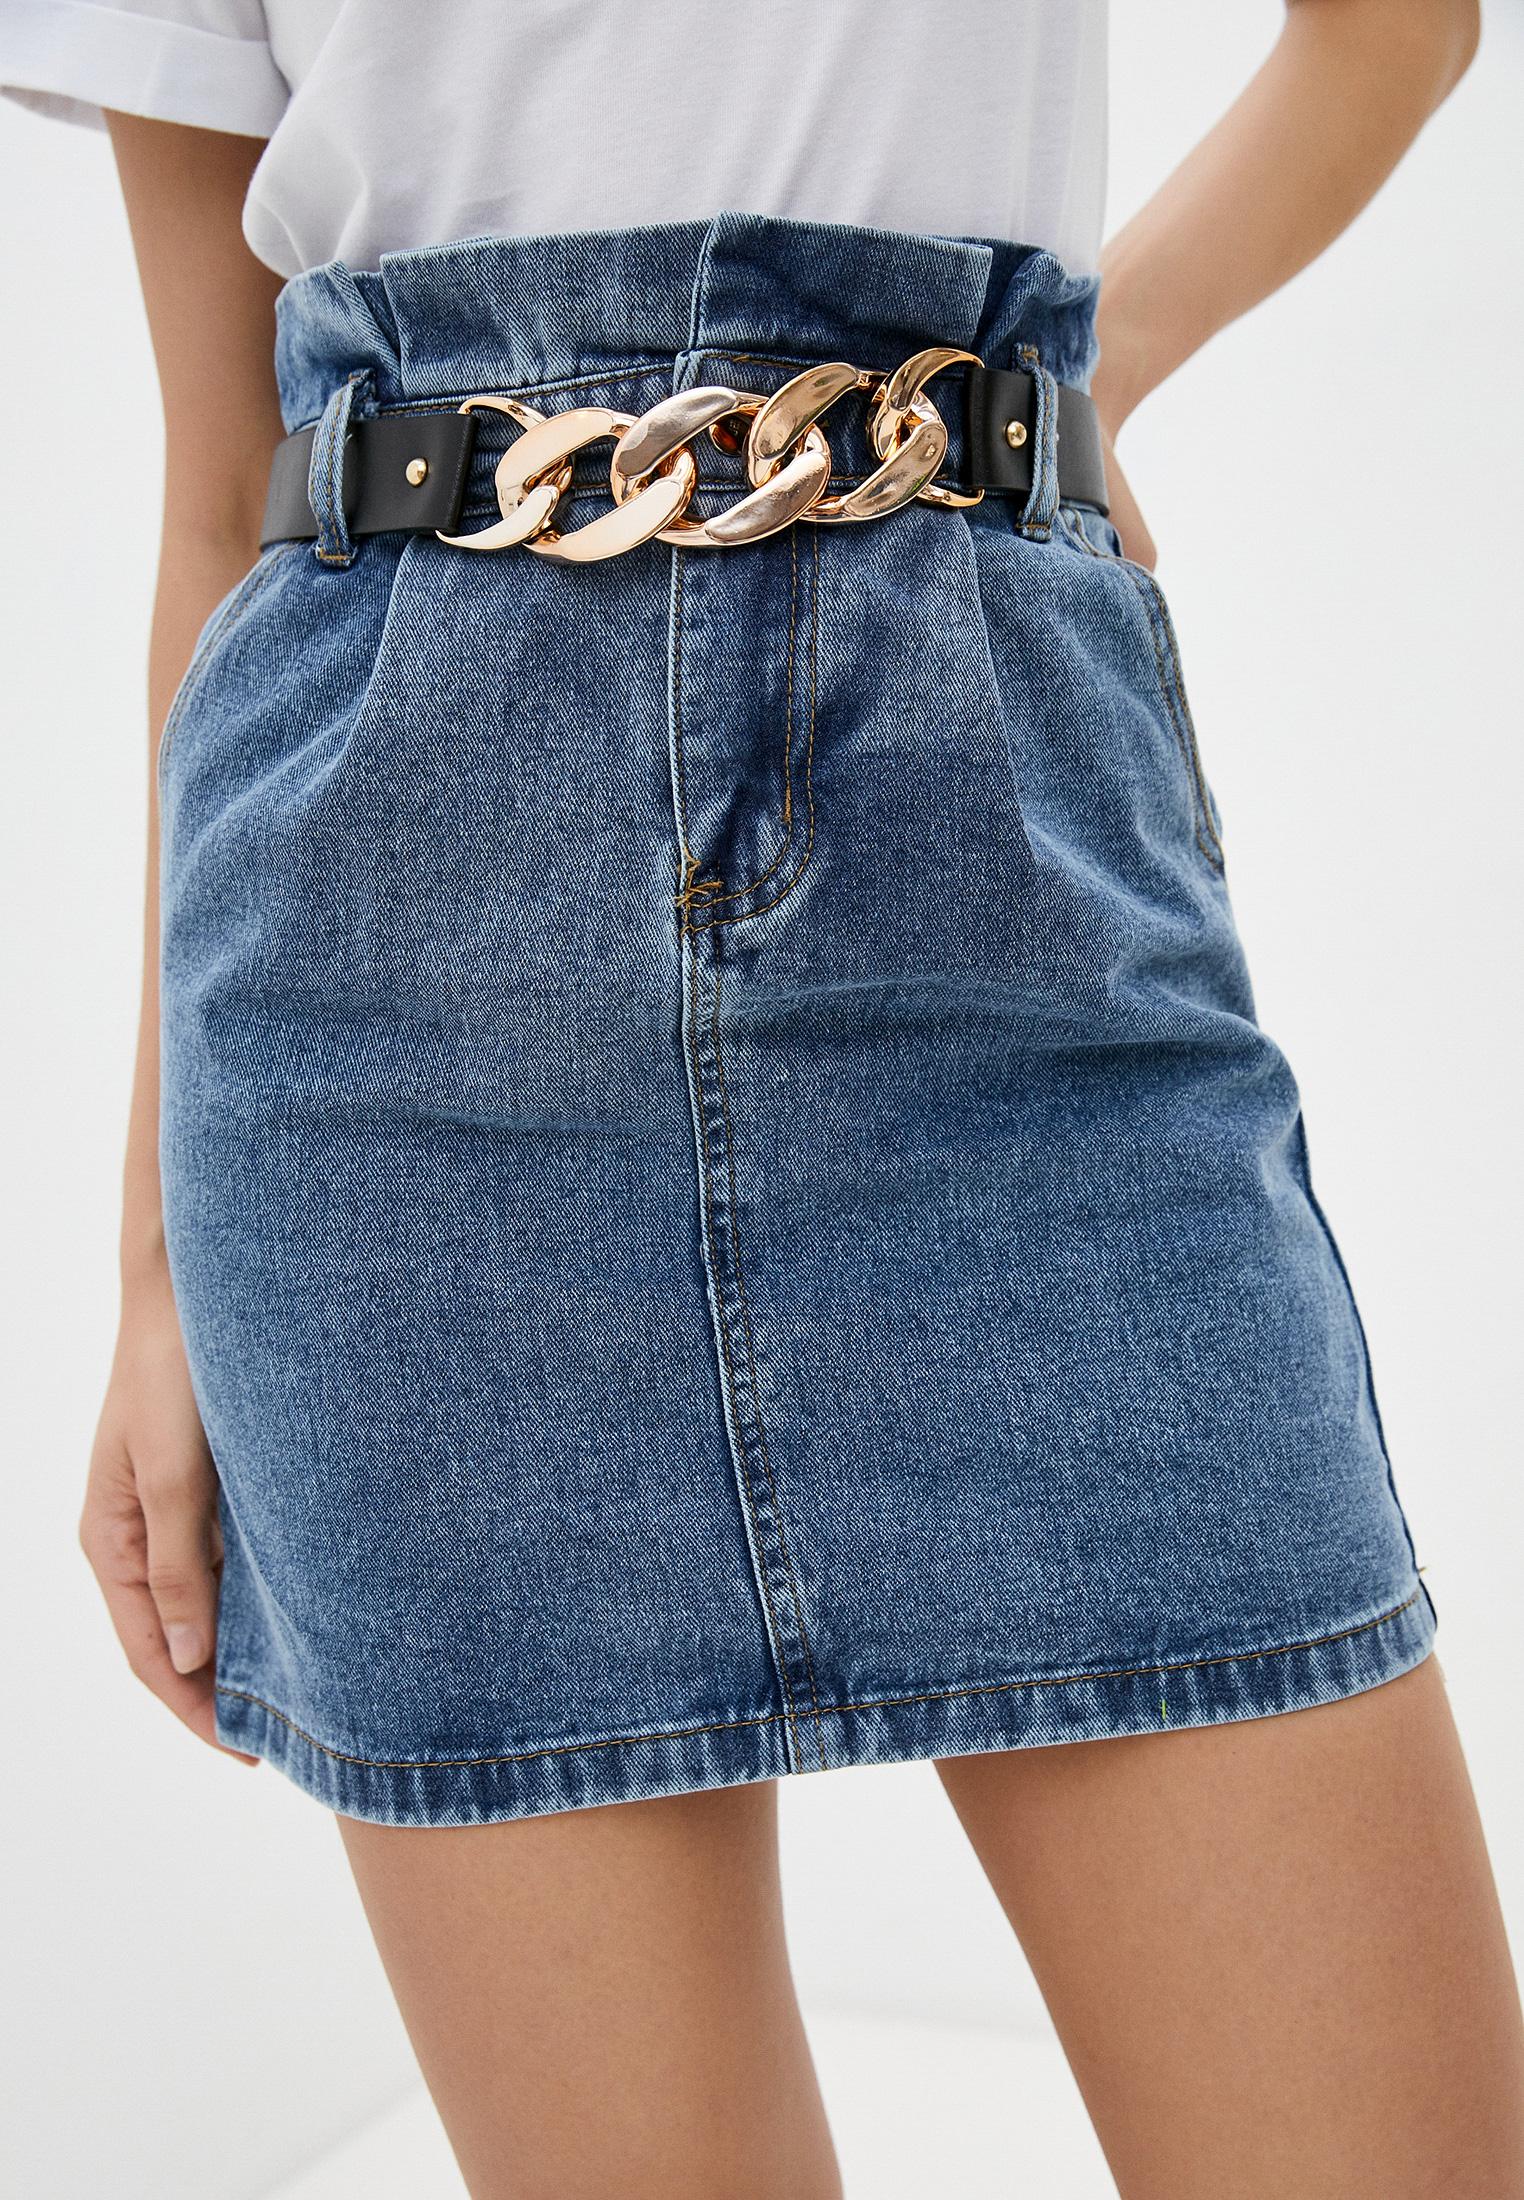 Джинсовая юбка Allegri Юбка джинсовая Allegri